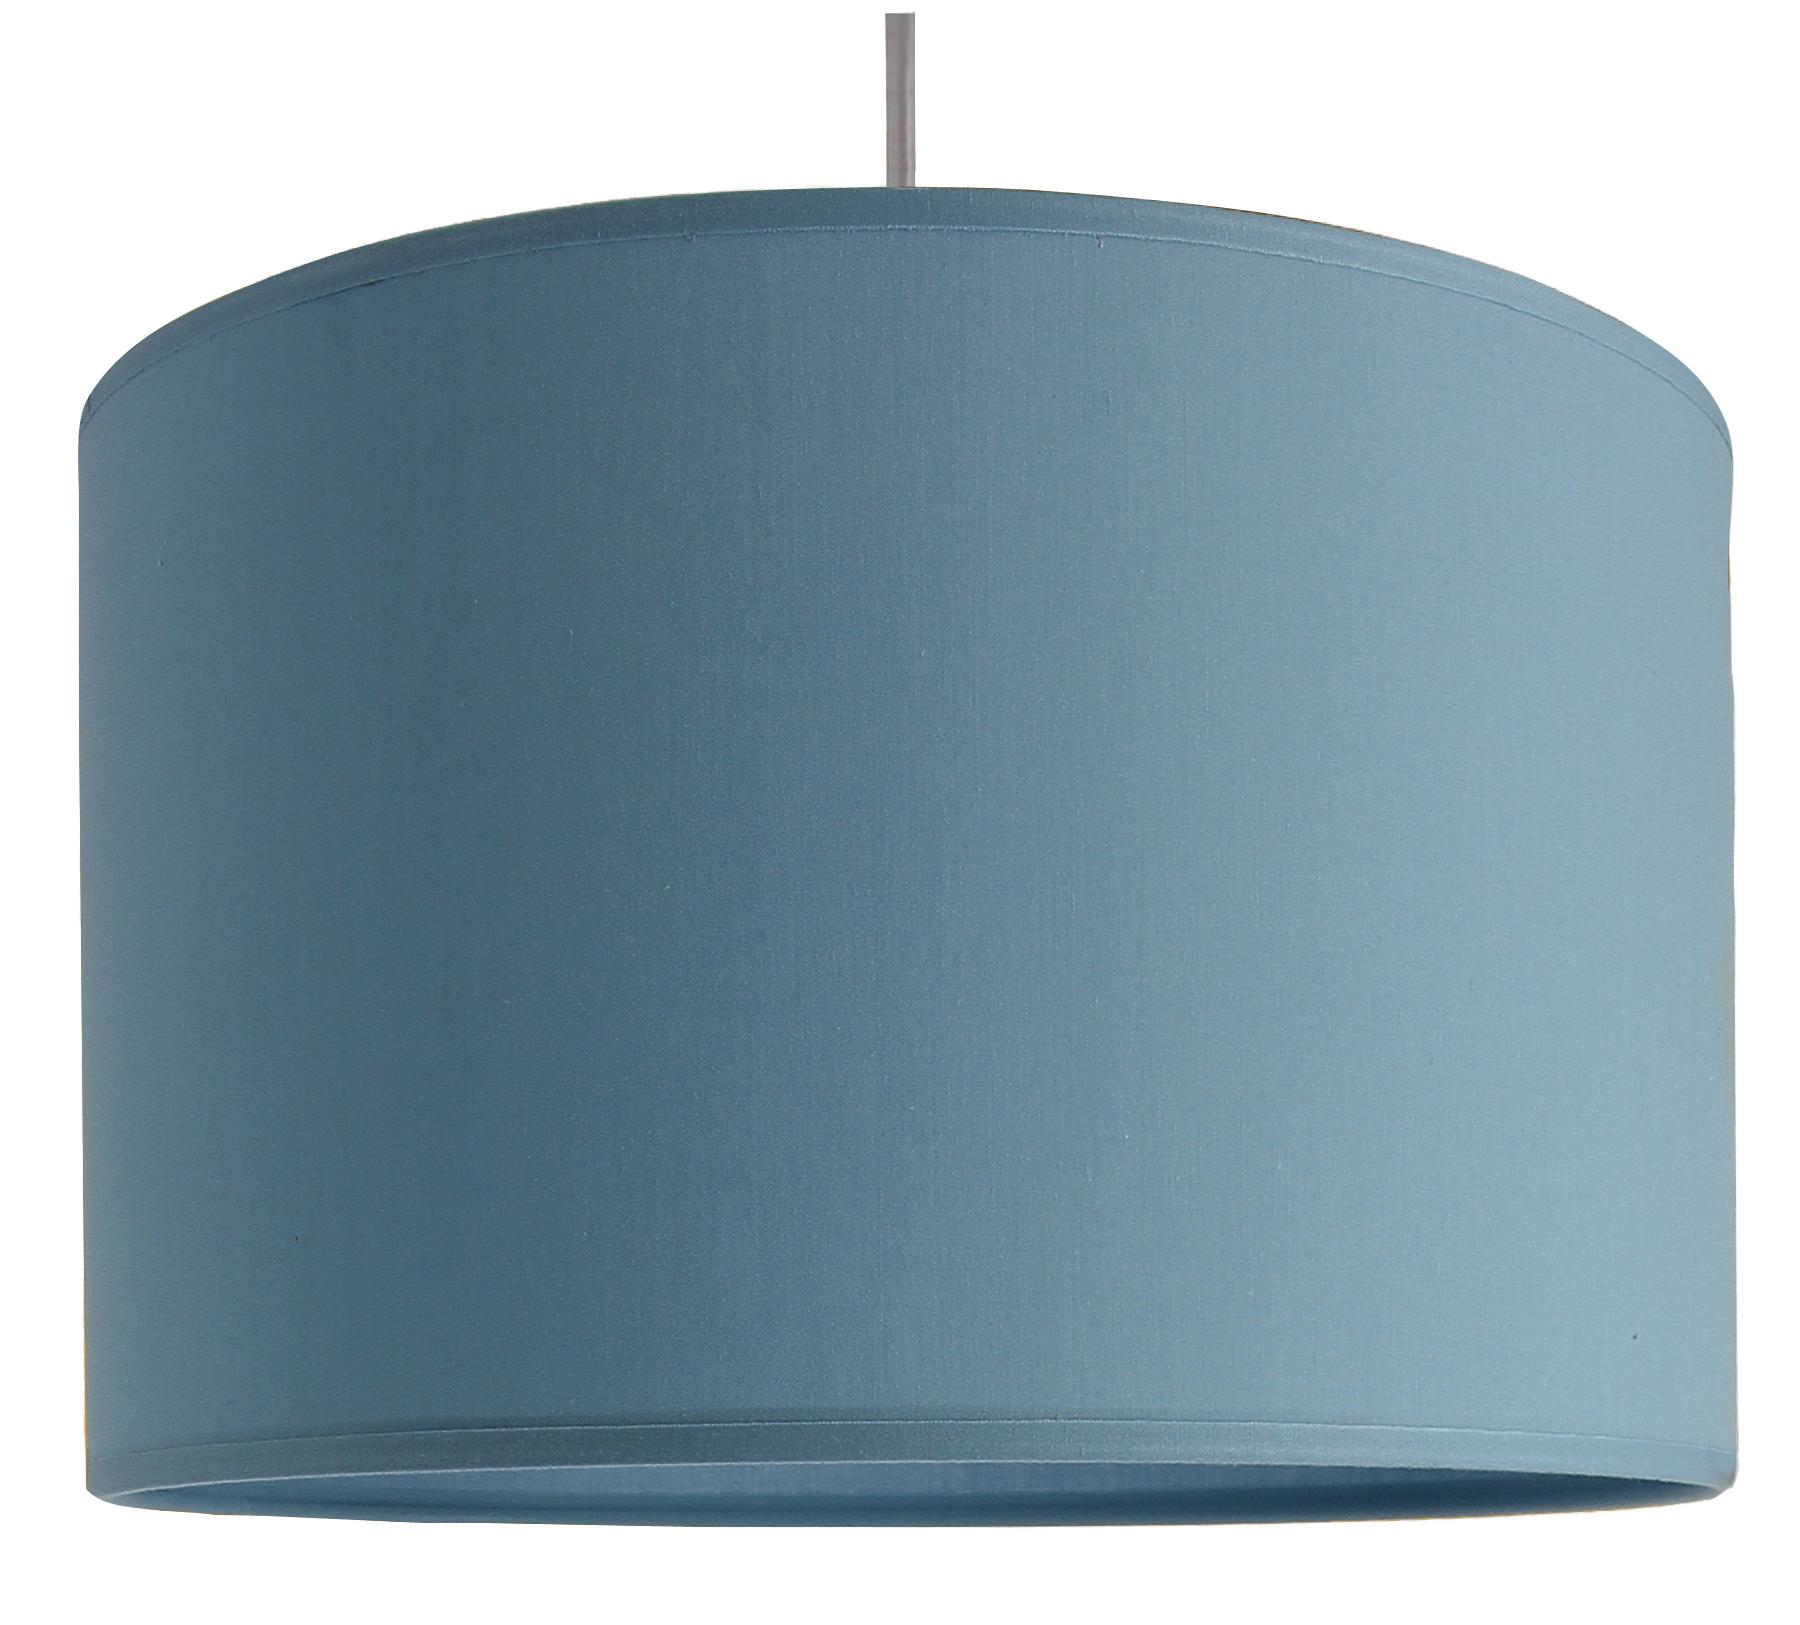 Suspension cylindre bleu baltique D29 cm